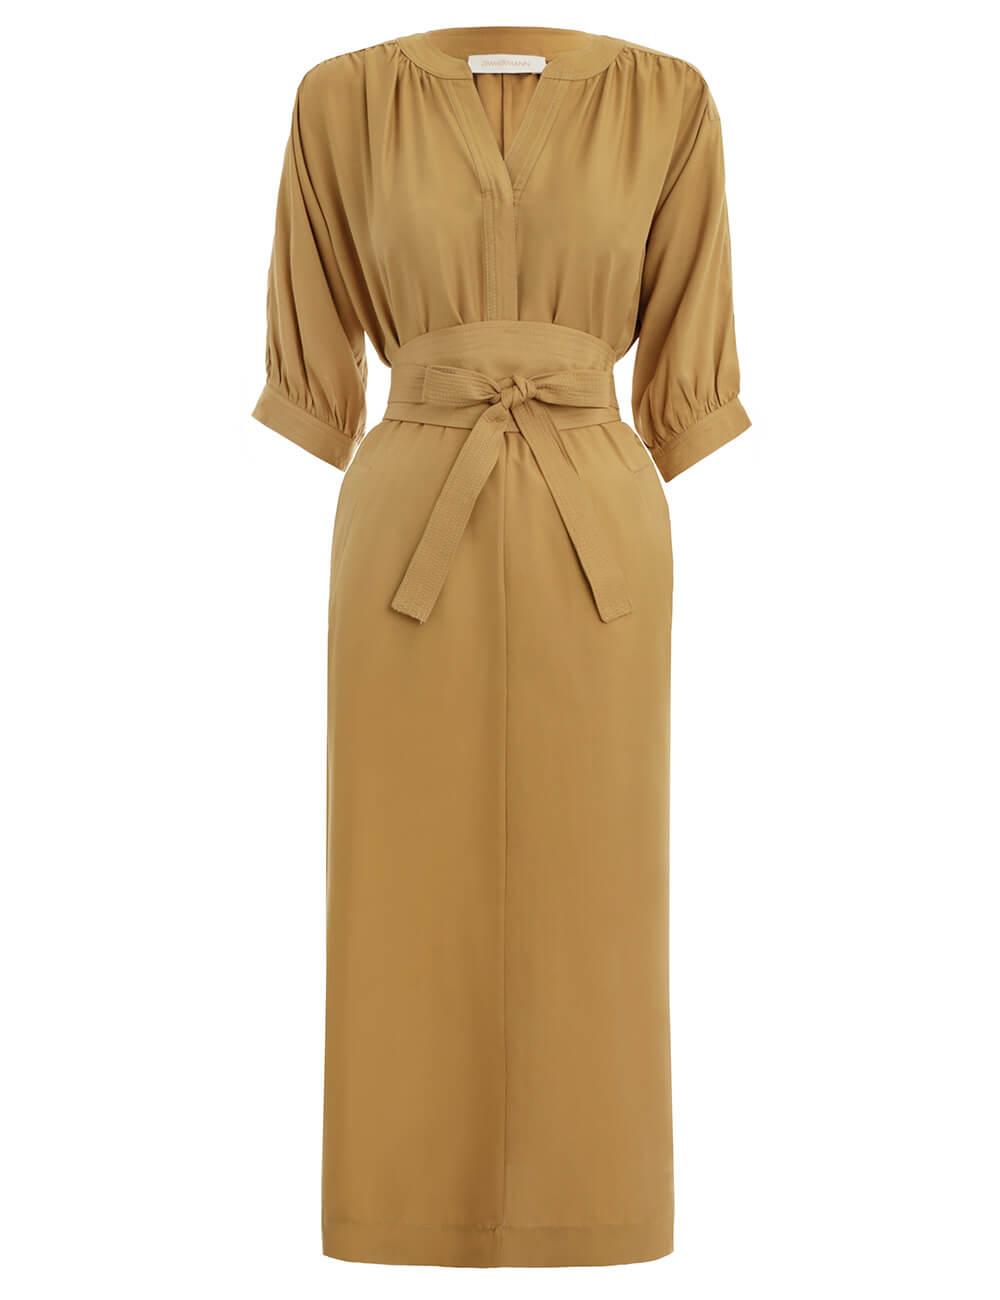 a238a3d2973 Shop Designer Dresses Online | ZIMMERMANN